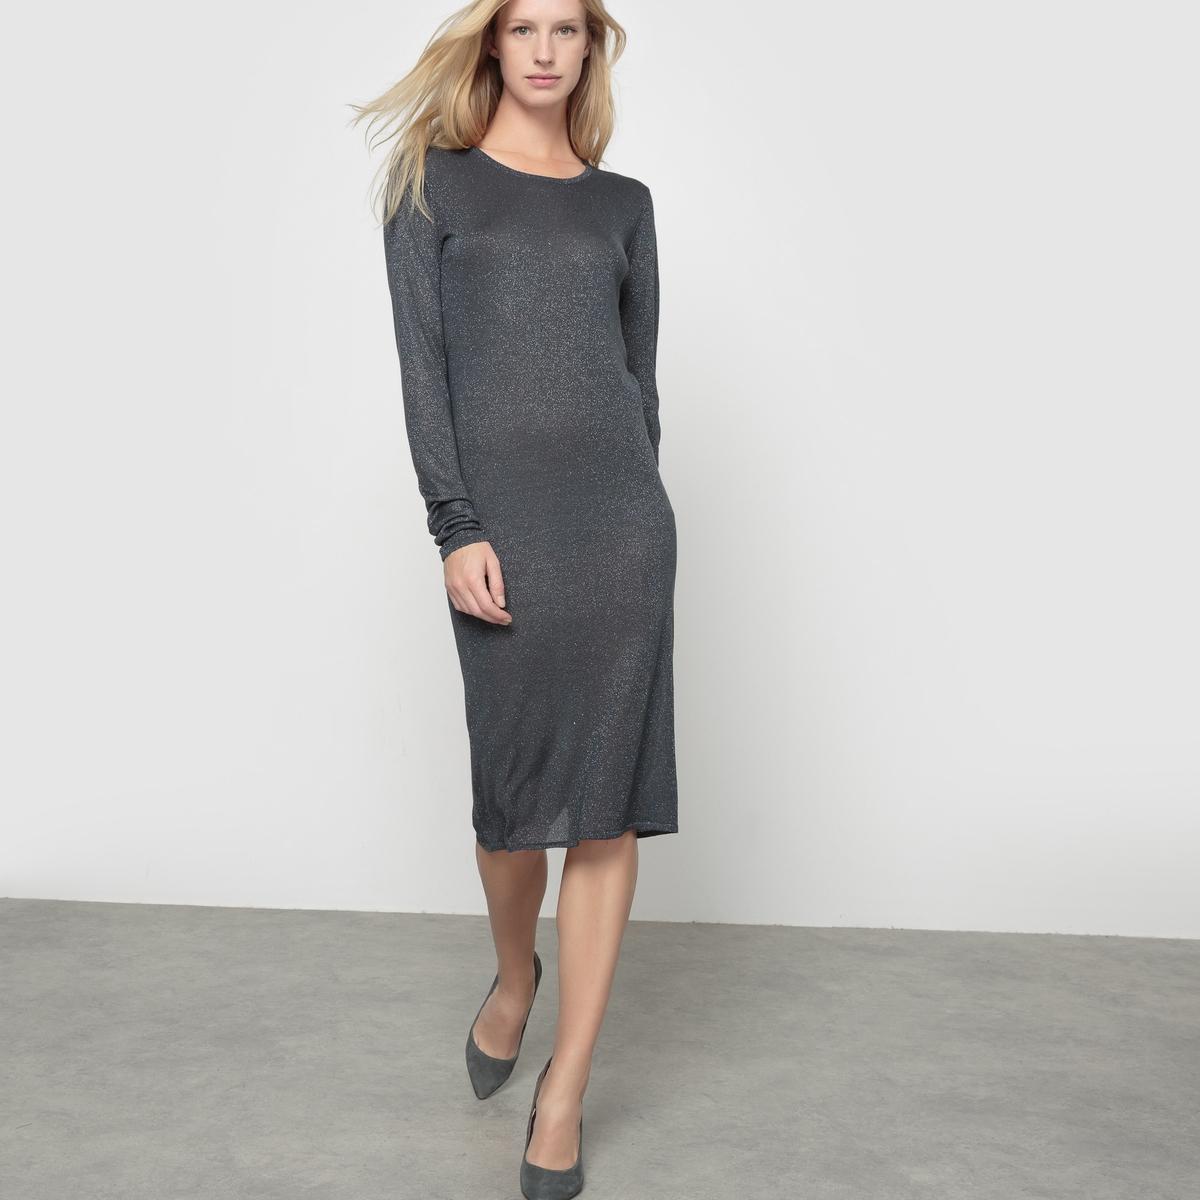 Платье вязаное Otilia с серебристыми блесткамиВязаное платье Otilia. Струящийся трикотаж с серебристыми блестками. Длинные рукава. Закруглённое декольте  спереди, V-образное сзади.  Состав и описаниеМатериал : 80% вискозы, 20% люрексаМарка : ICHI.Модель : OtiliaУходСледуйте инструкции по уходу на этикетке<br><br>Цвет: серый<br>Размер: L